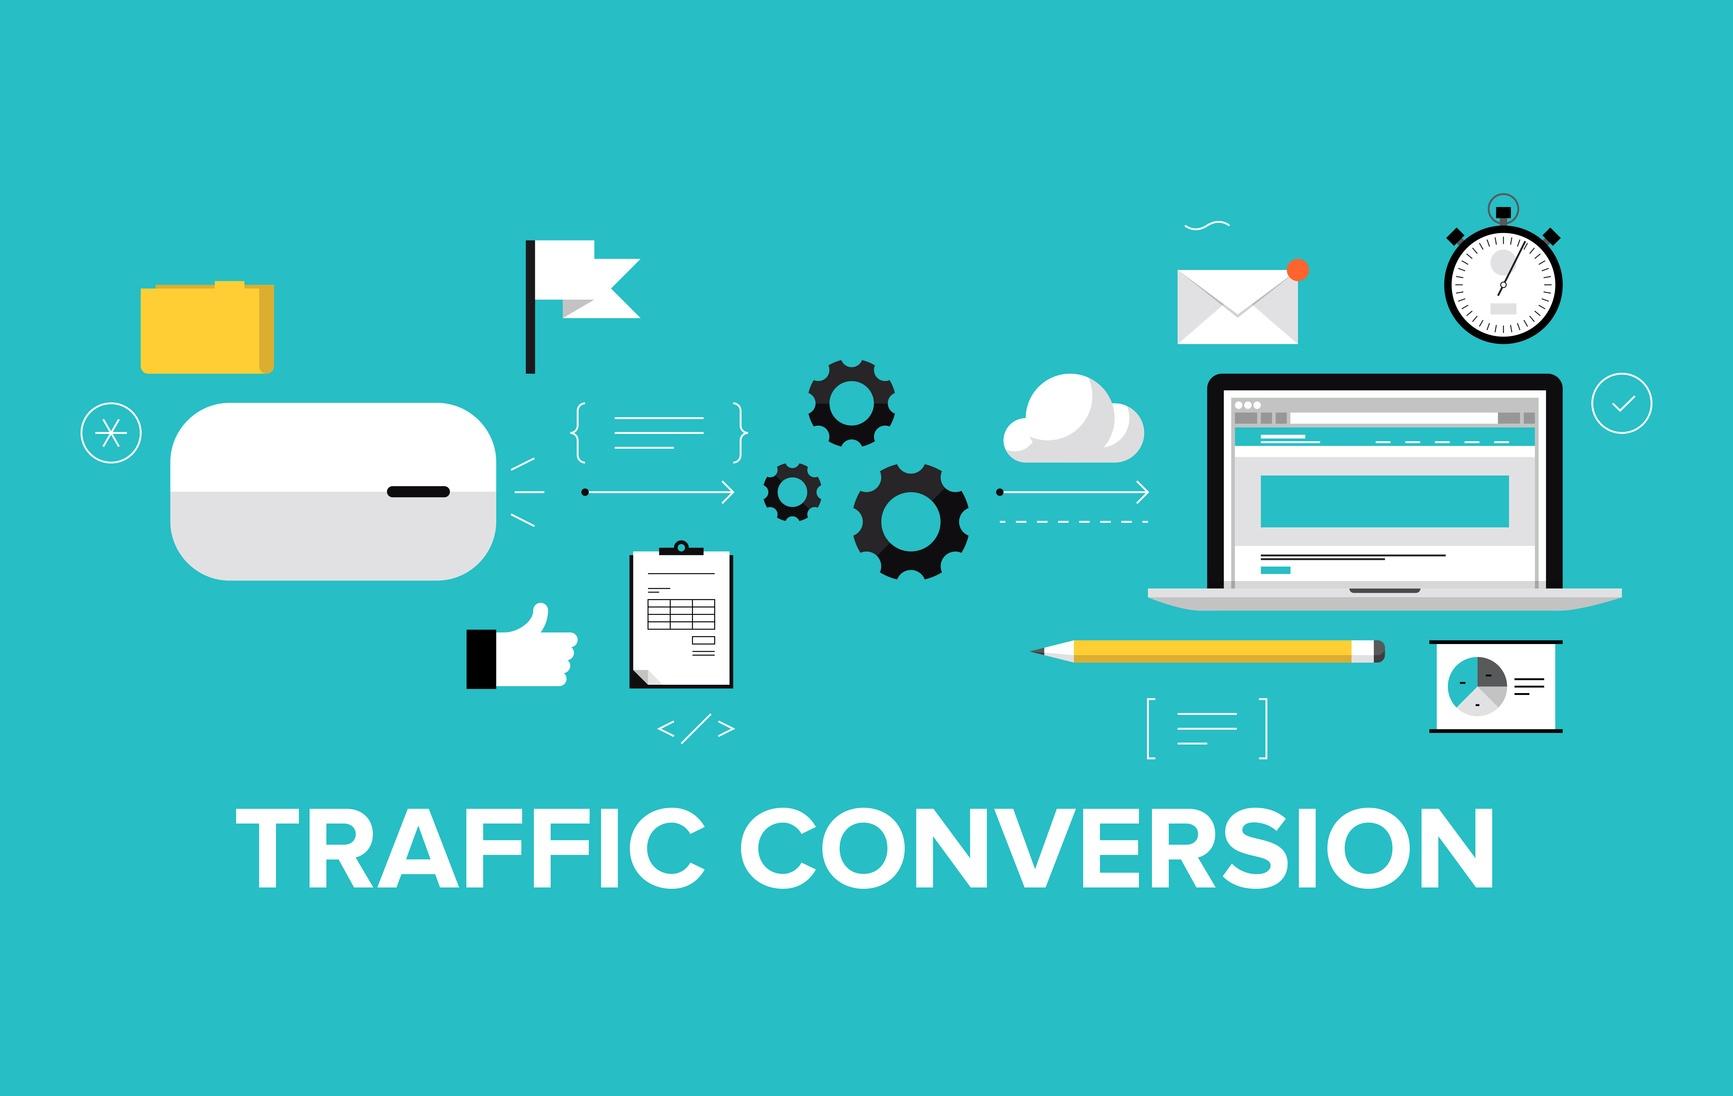 conversion-de-trafico-web.jpg